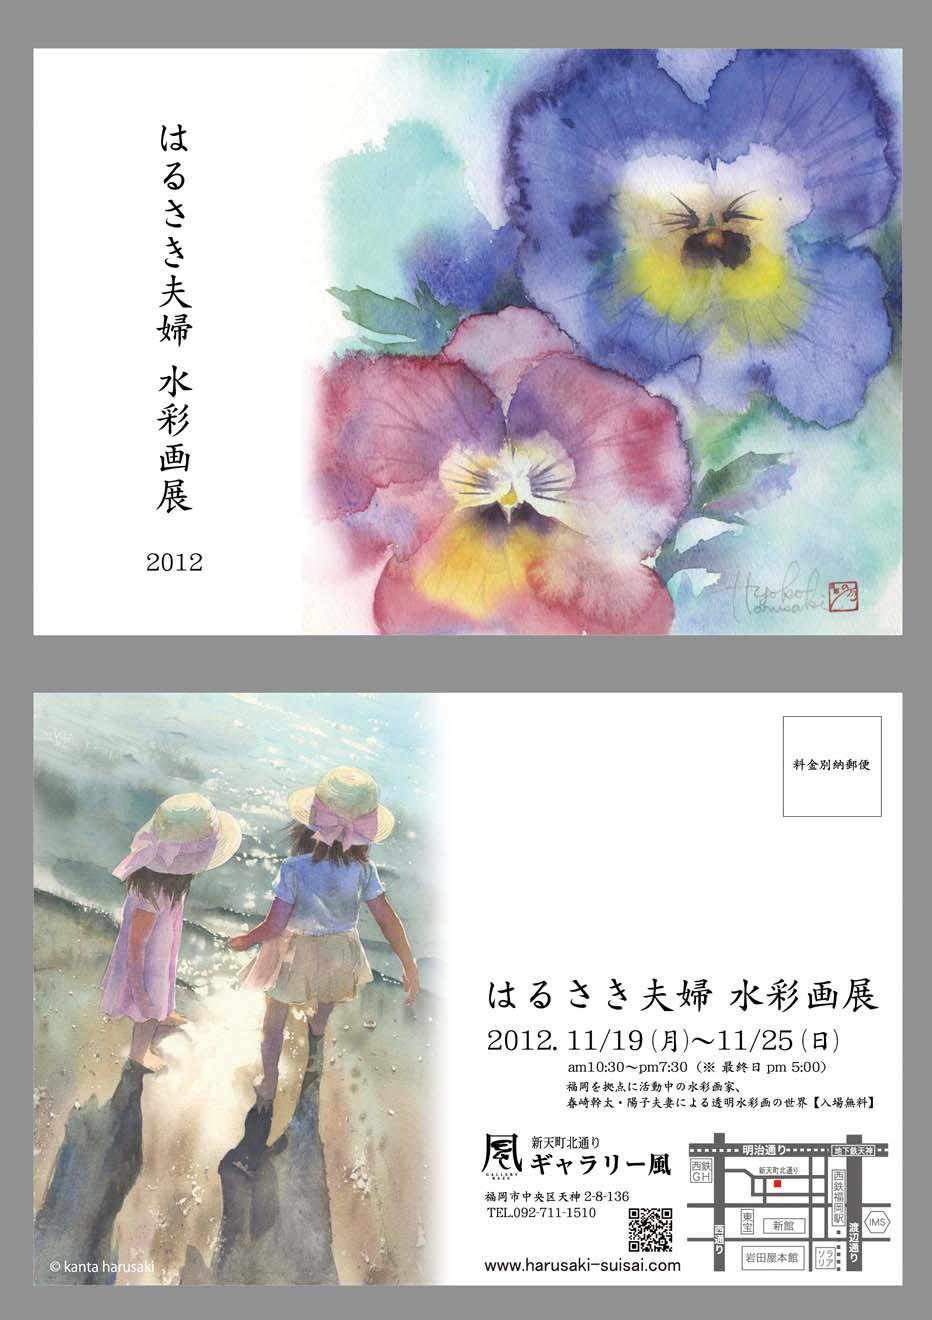 はるさき夫婦 水彩画展 2012のお知らせ_f0176370_1111628.jpg